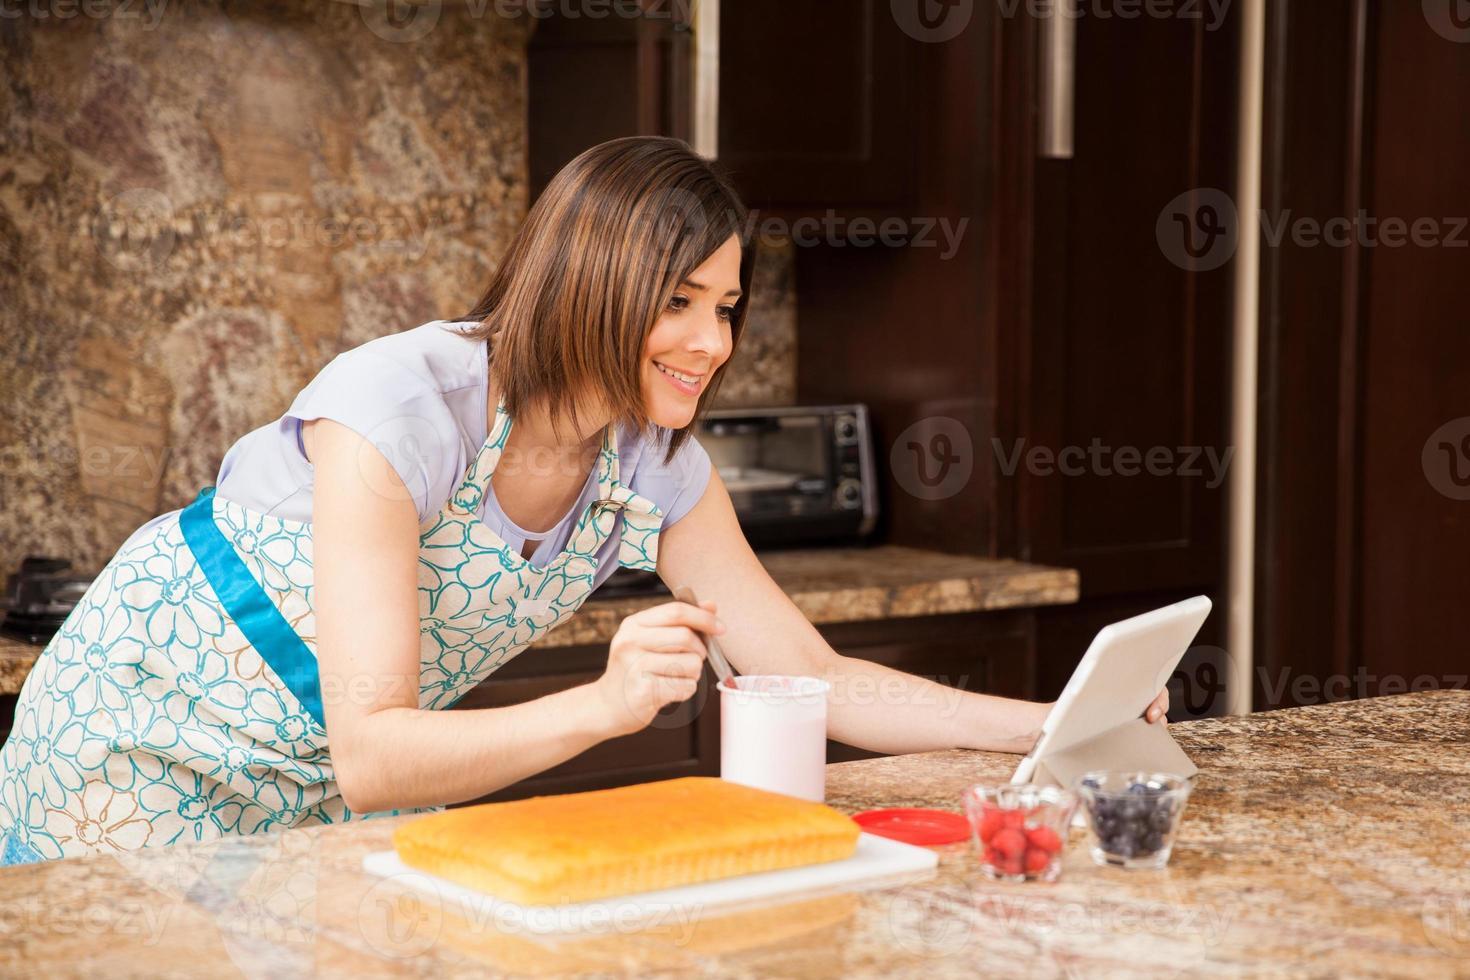 läser ett tårta recept online foto